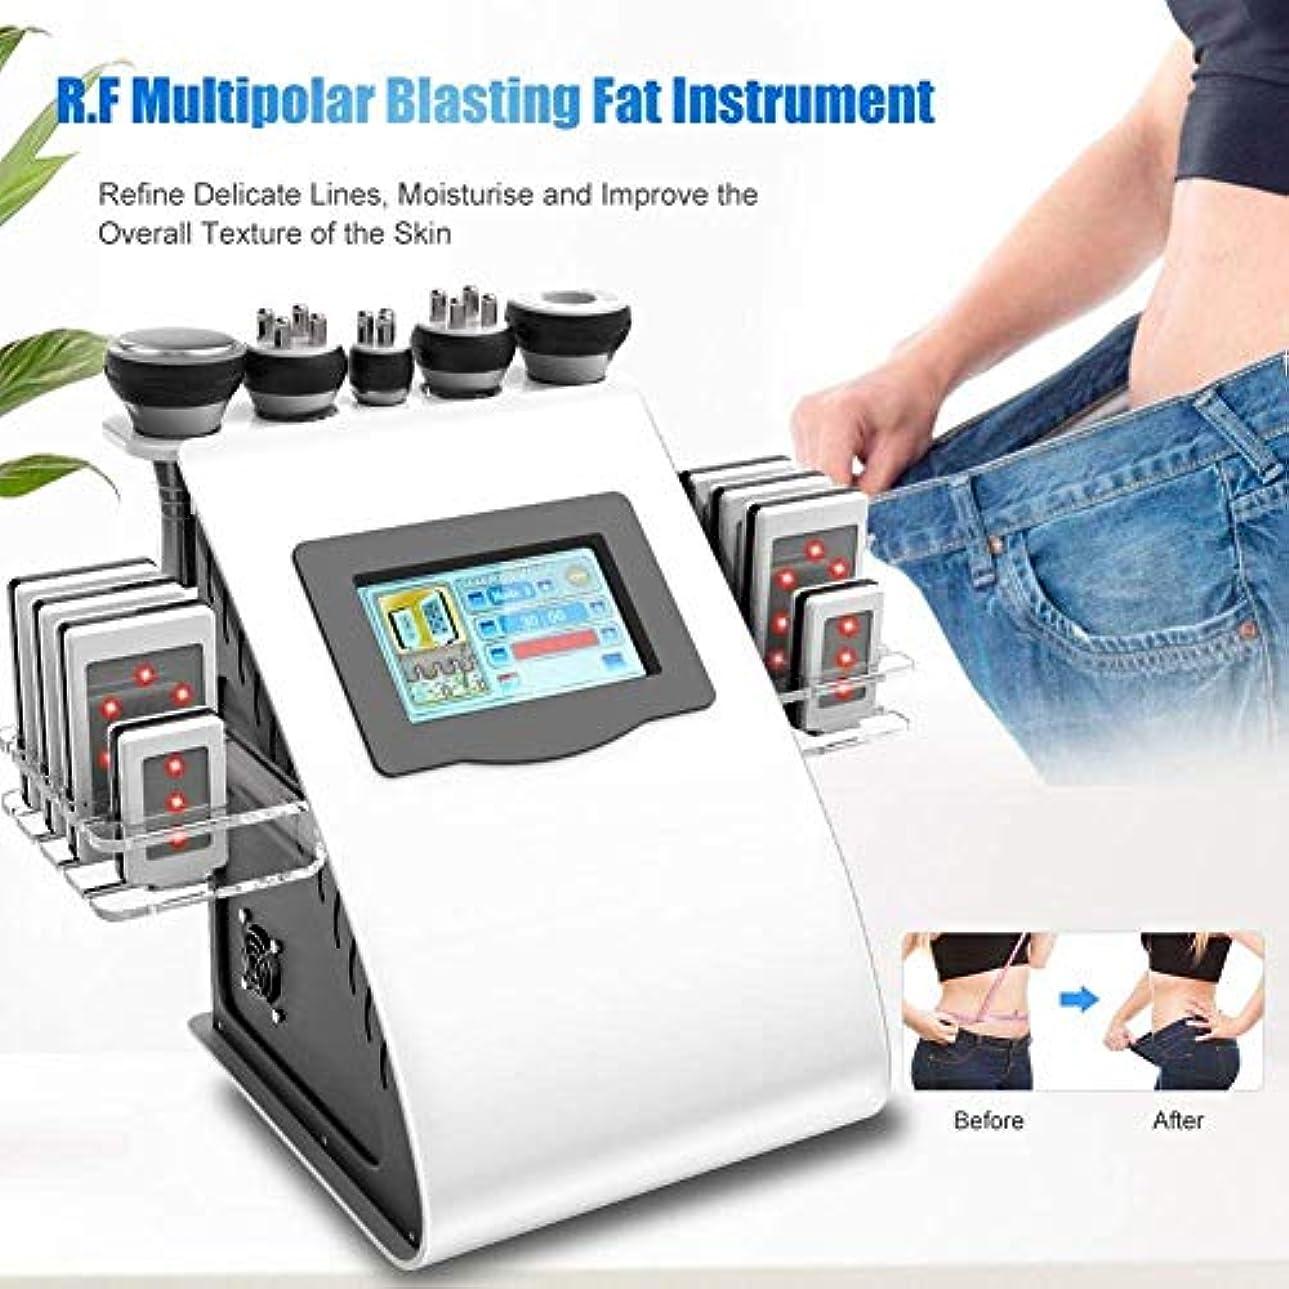 コアくるくるブラウズ5 in 1 ボディシェイピング 脂肪燃焼 機械、 美人 ケア デバイス マッサージャー、 プロ 顔と体 Slim身 処理 デバイス 機械